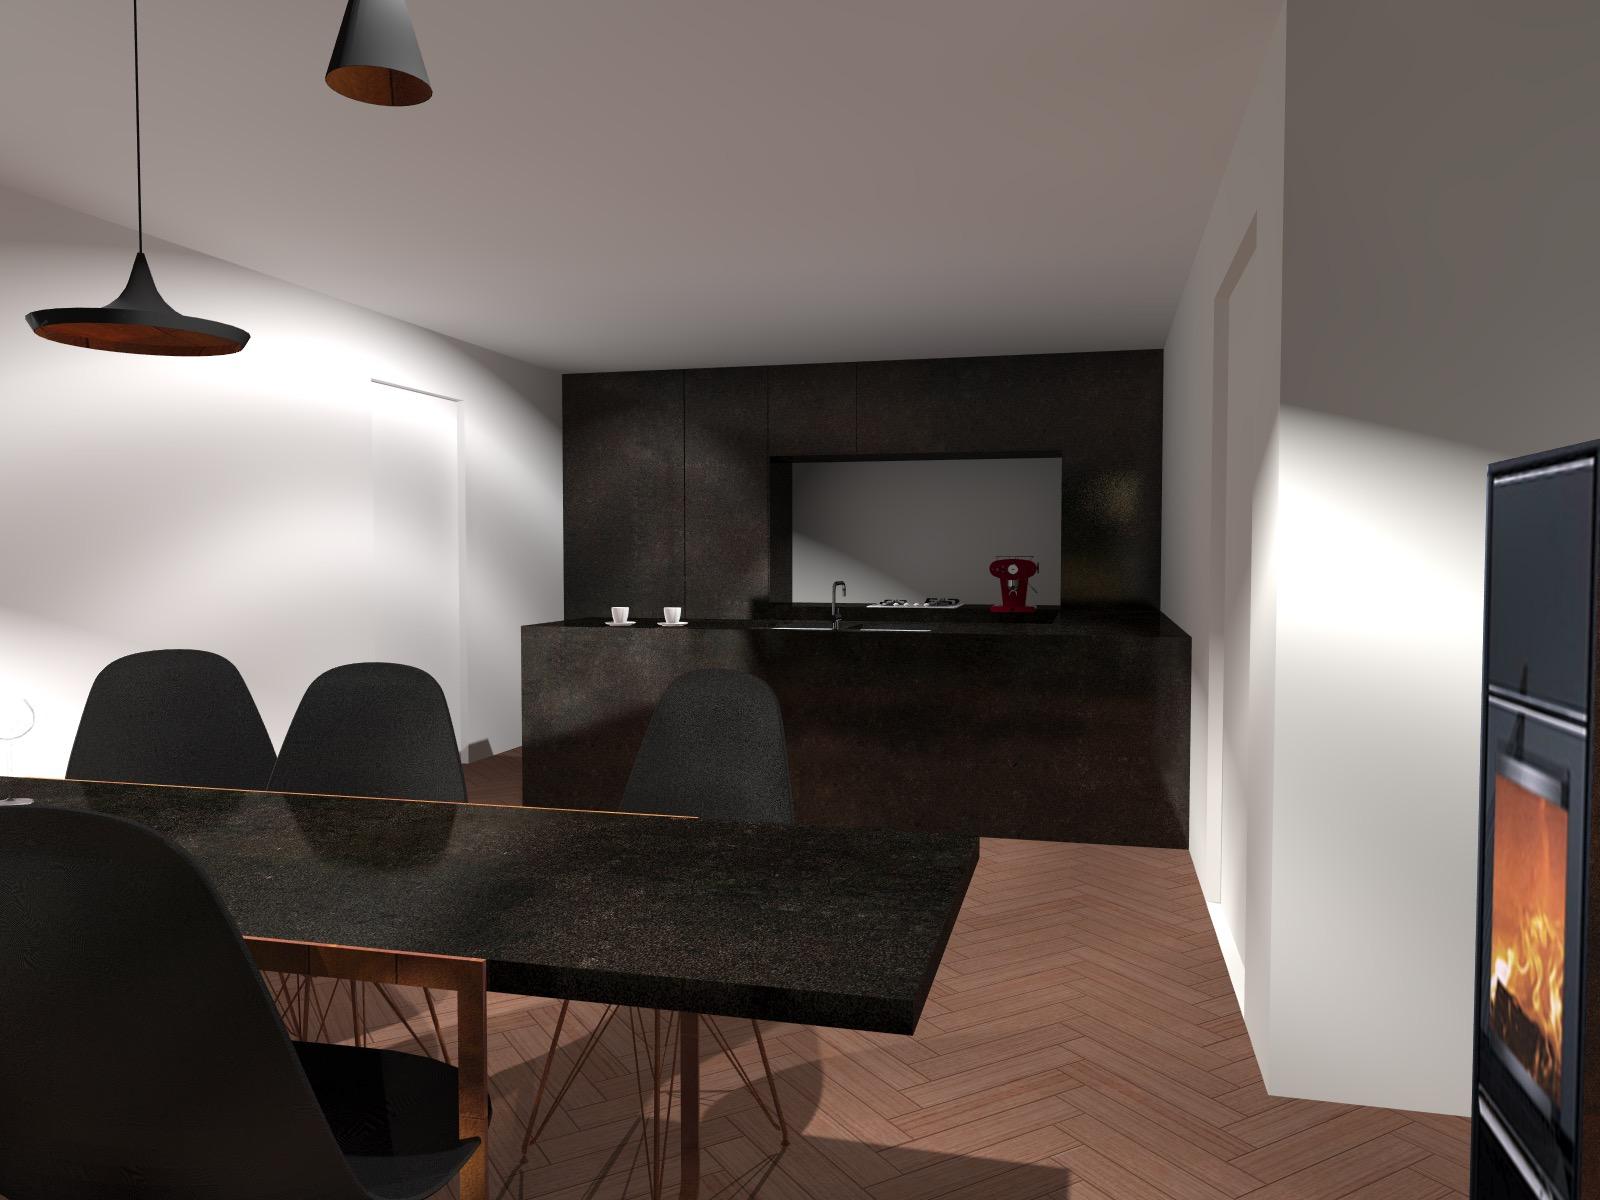 beeld 2 keuken